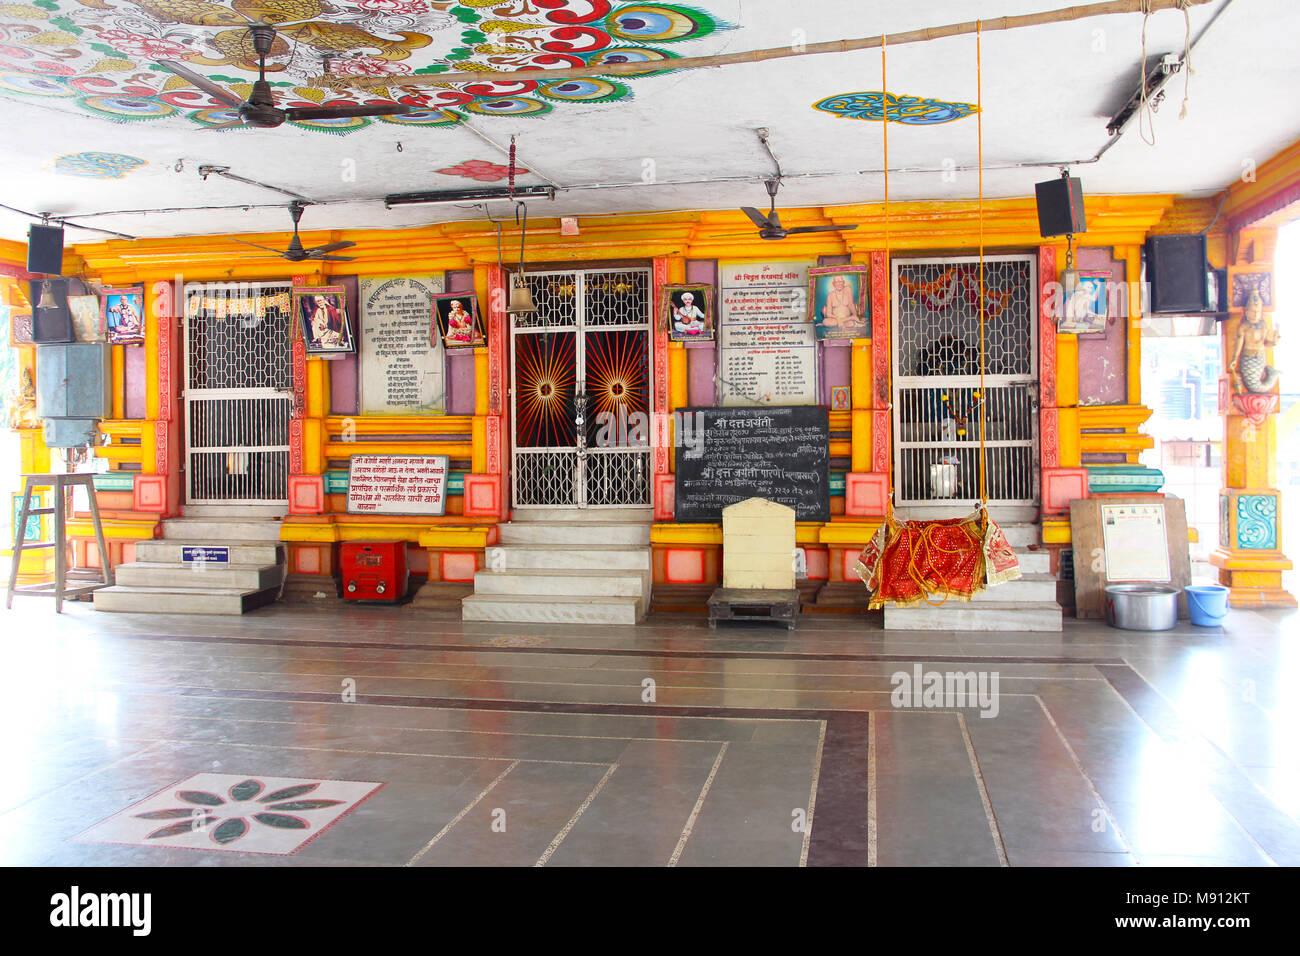 Vue de l'intérieur ou de l'intérieur du temple Shri Vitthal Rakhumai à Pimpri, Pune Banque D'Images